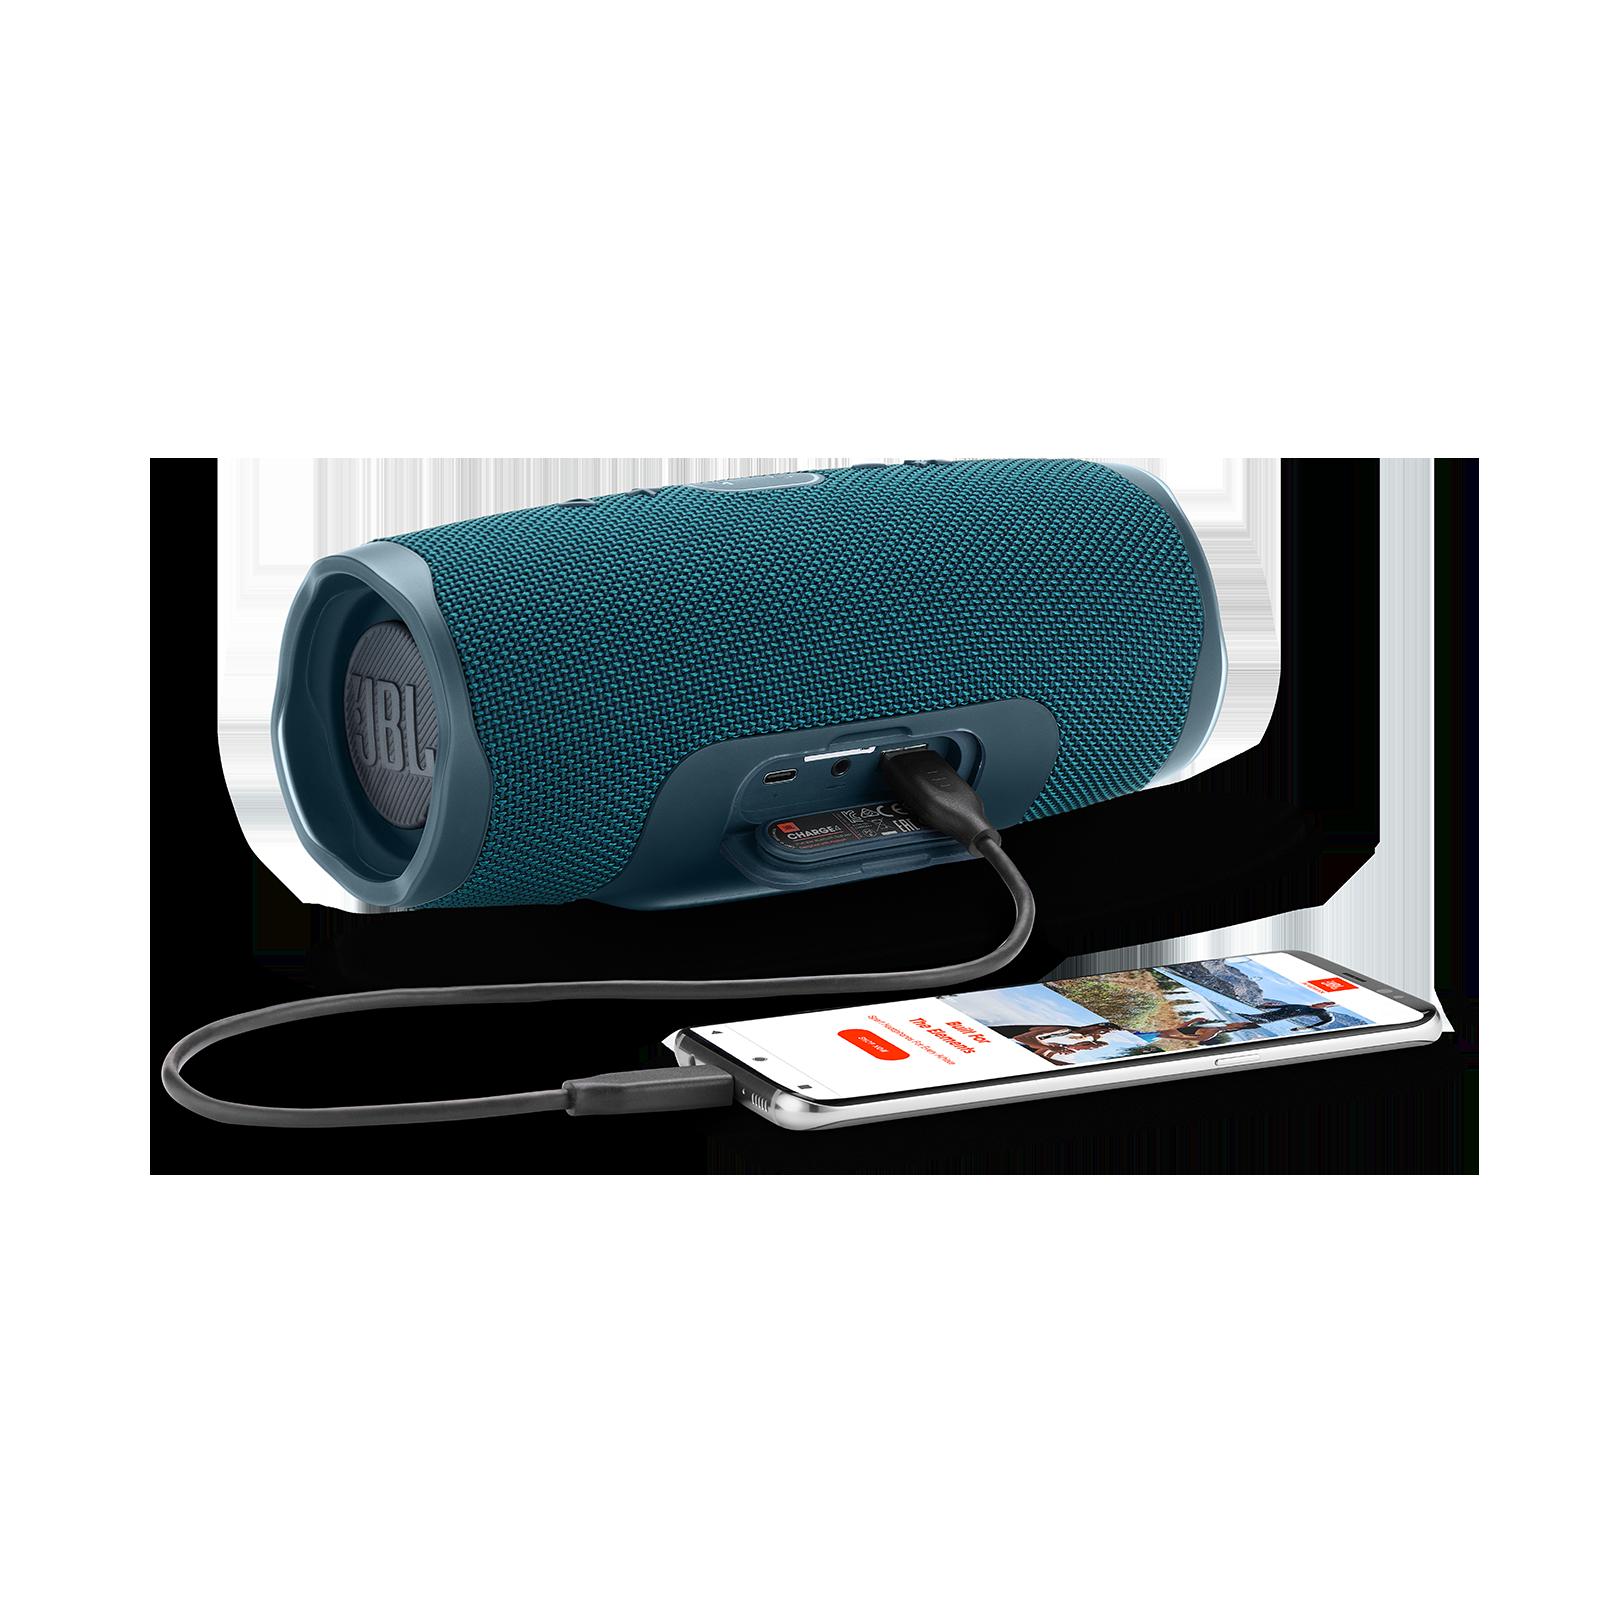 JBL Charge 4 - Blue - Portable Bluetooth speaker - Detailshot 4